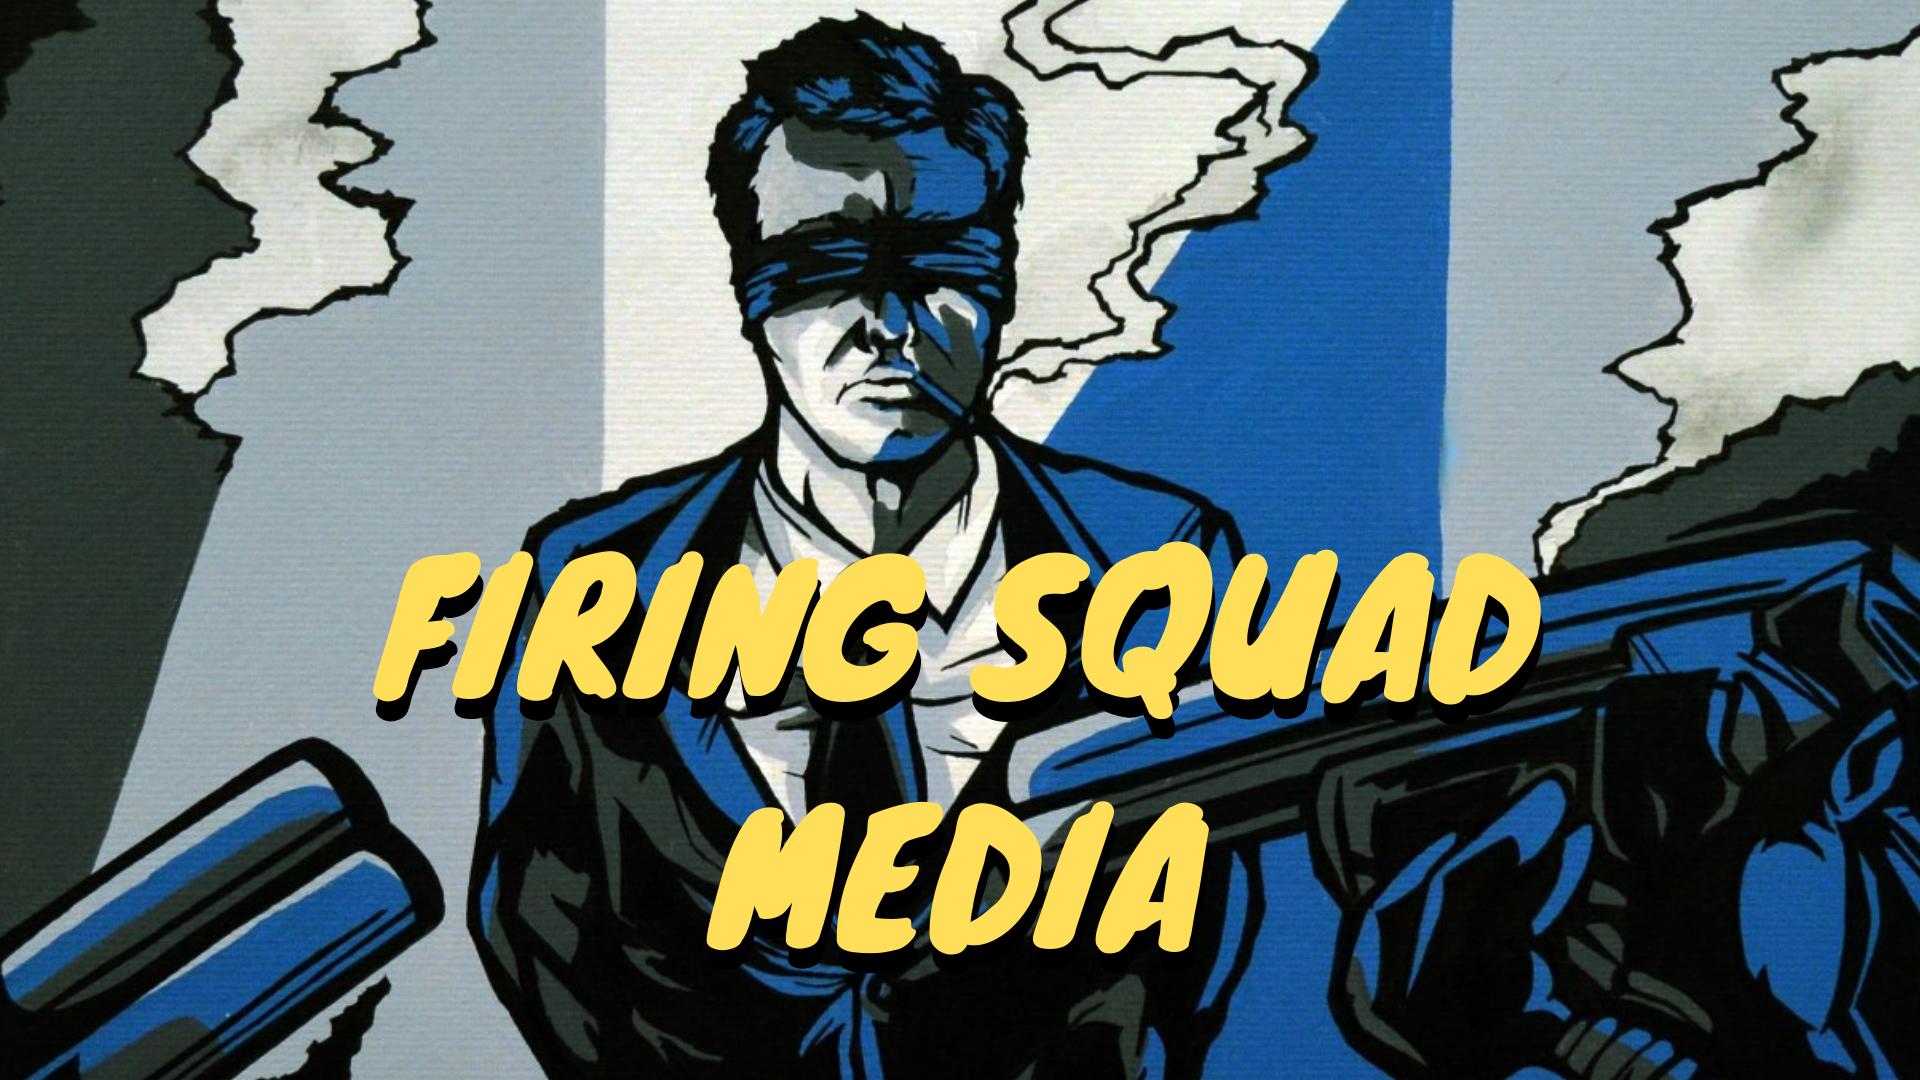 Firing Squad Media